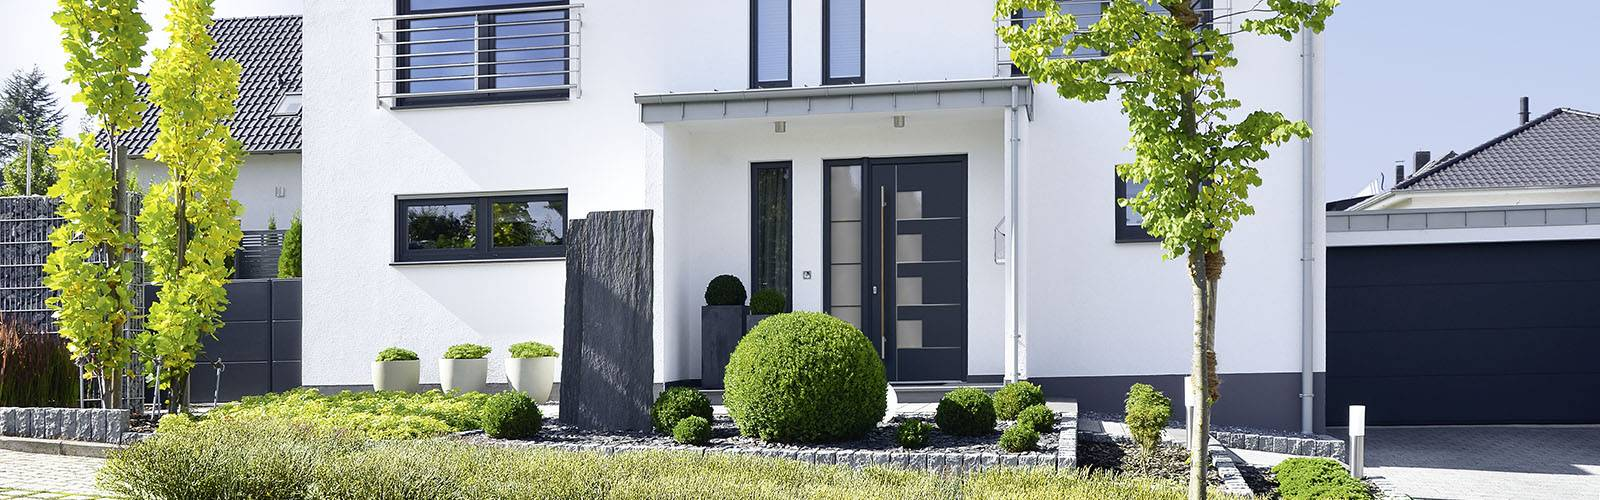 Haustüren anthrazit modern  Porta Fenster - Bauelemente & mehr :: Haustüren